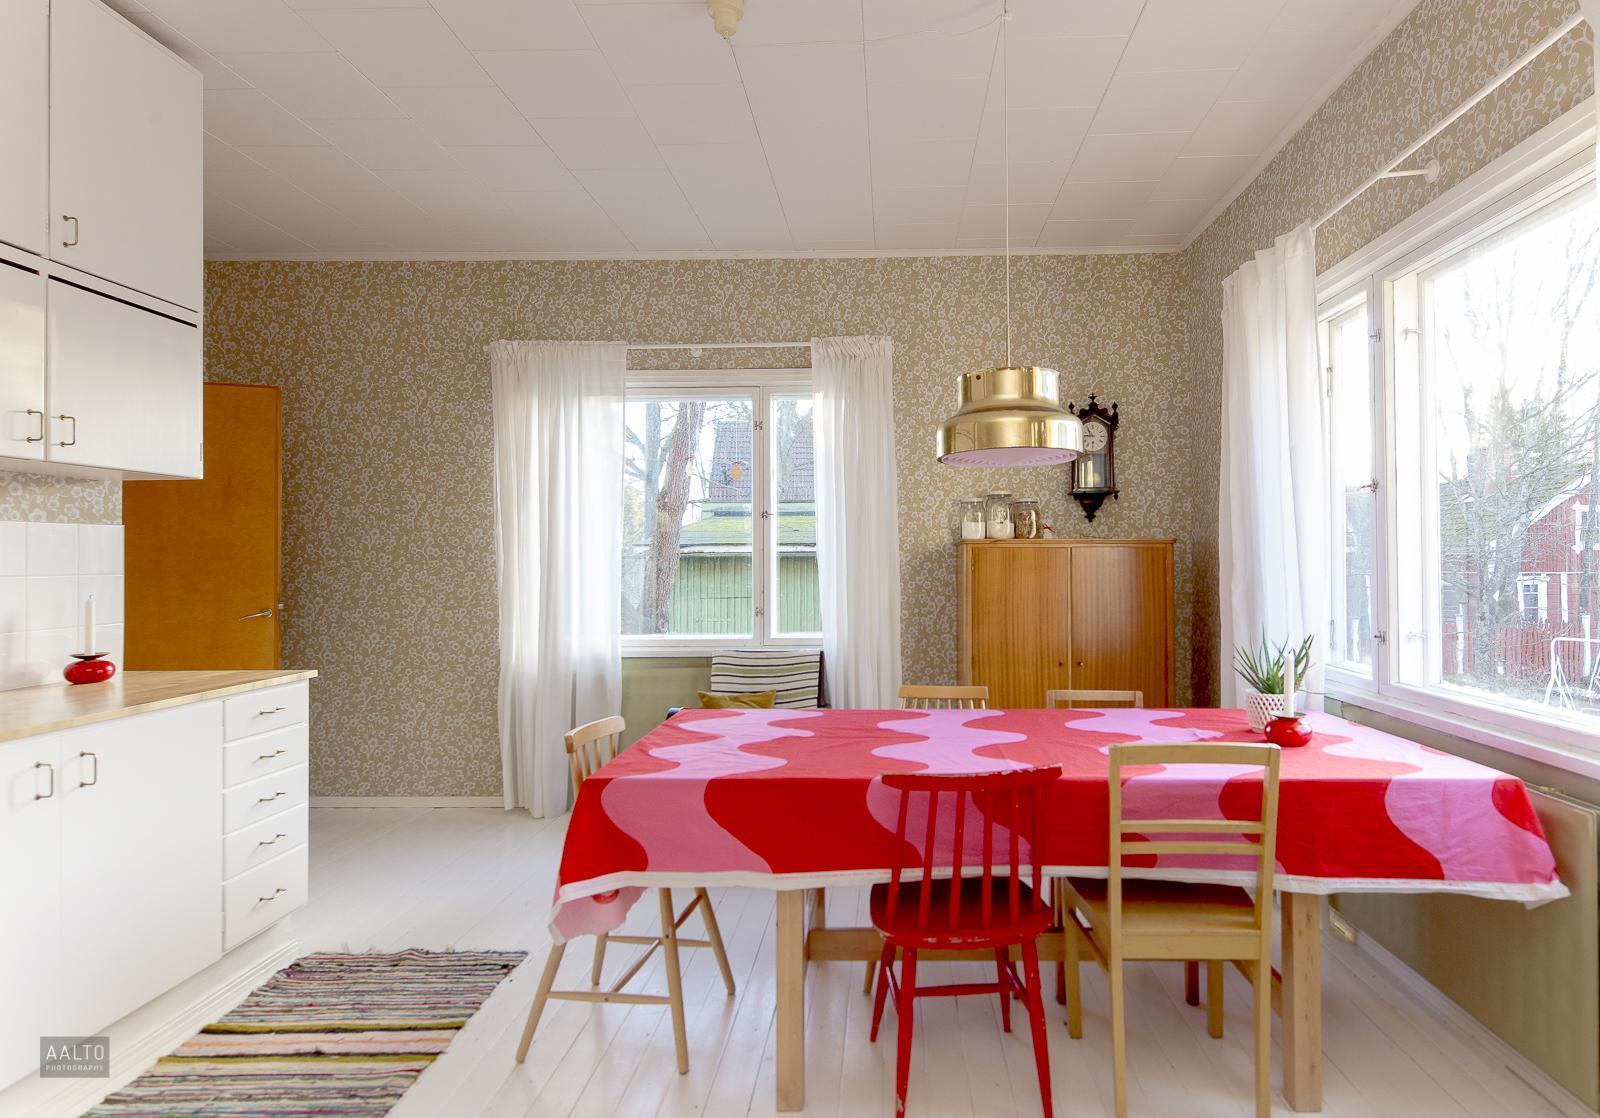 50 luvun keittiö on kunnostettu vanhaa kunnioittaen  Etuovi com Ideat &